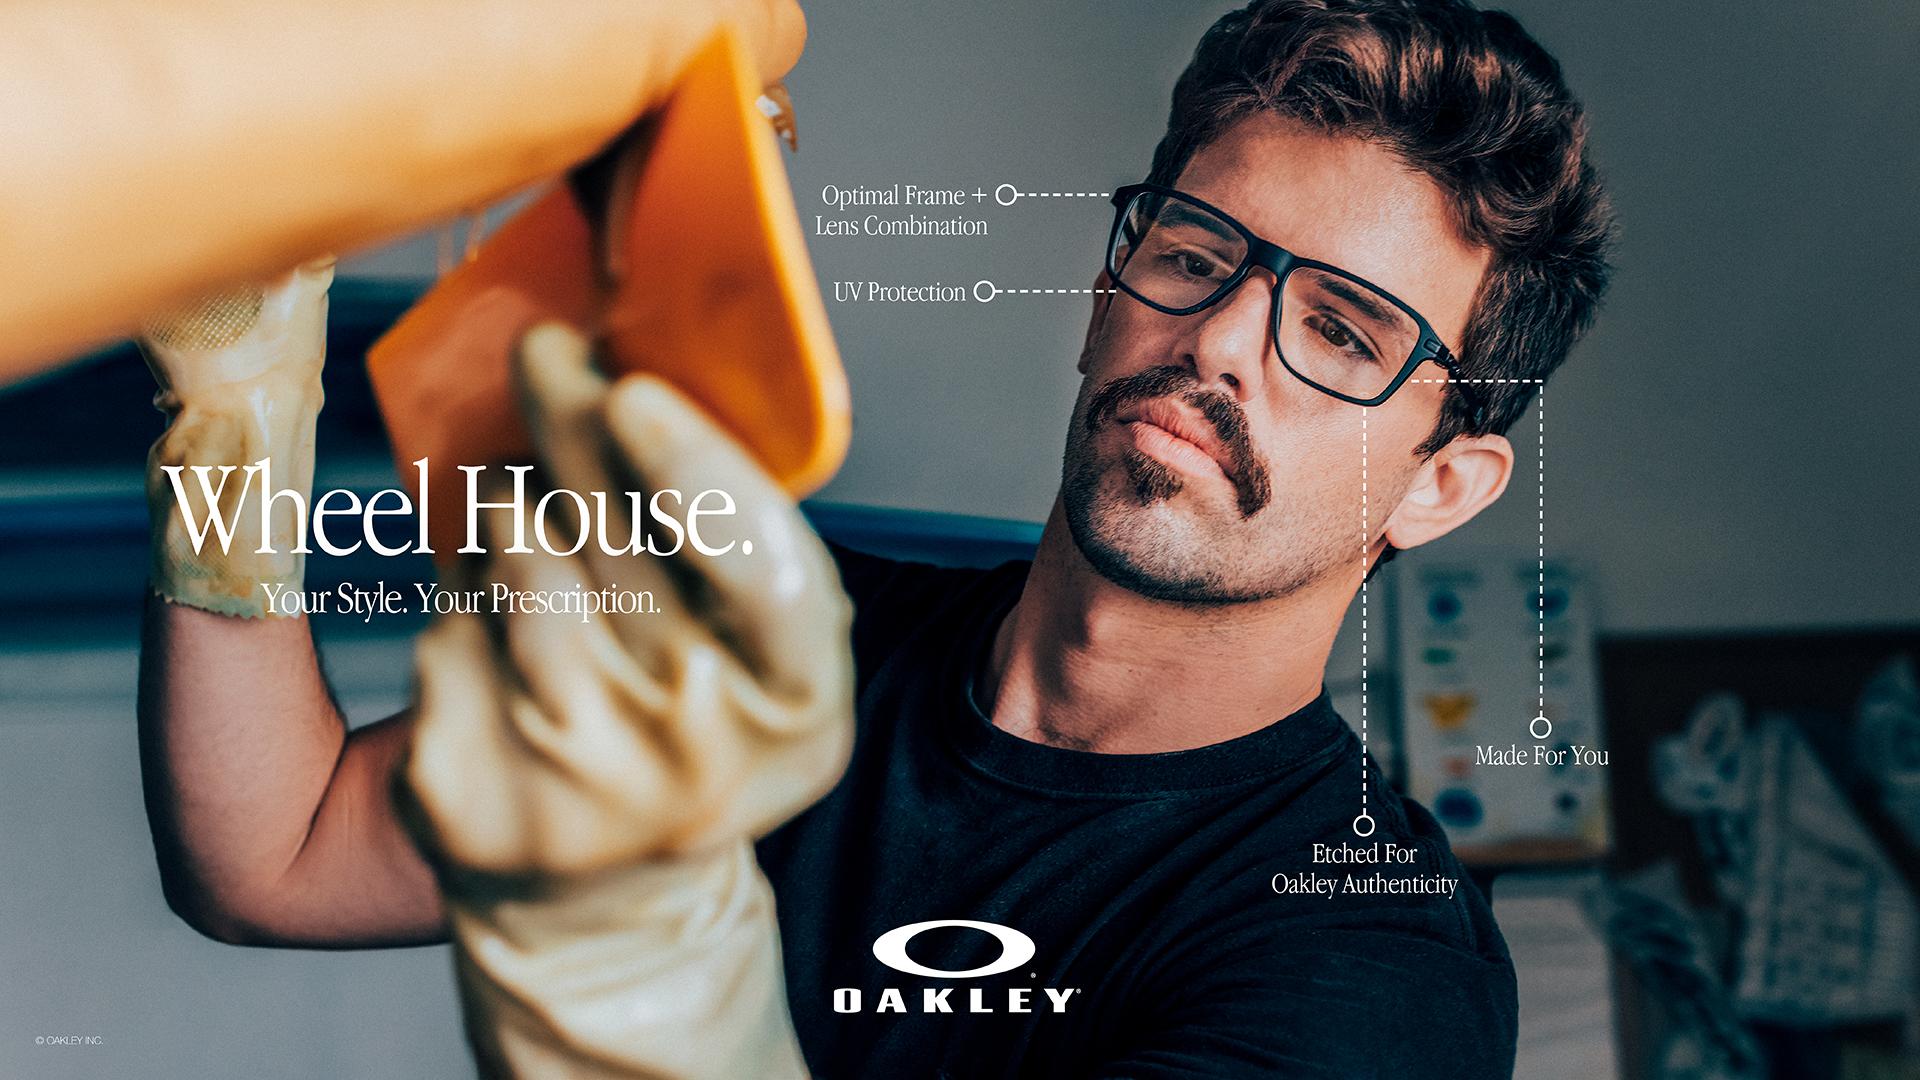 occhiali oakley centri belotti ottica udito